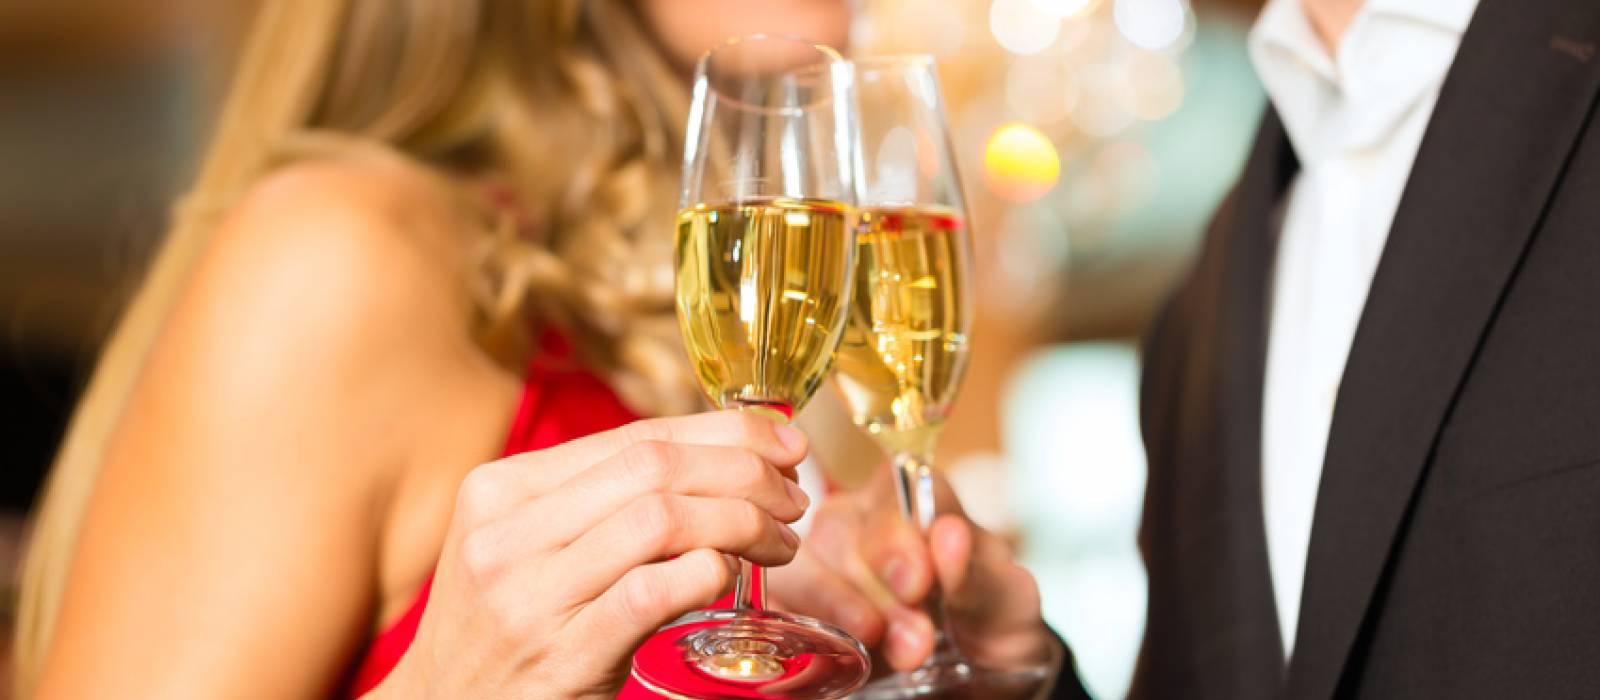 Spécial Saint-Valentin à Valladolid - Hotel Vincci Frontaura